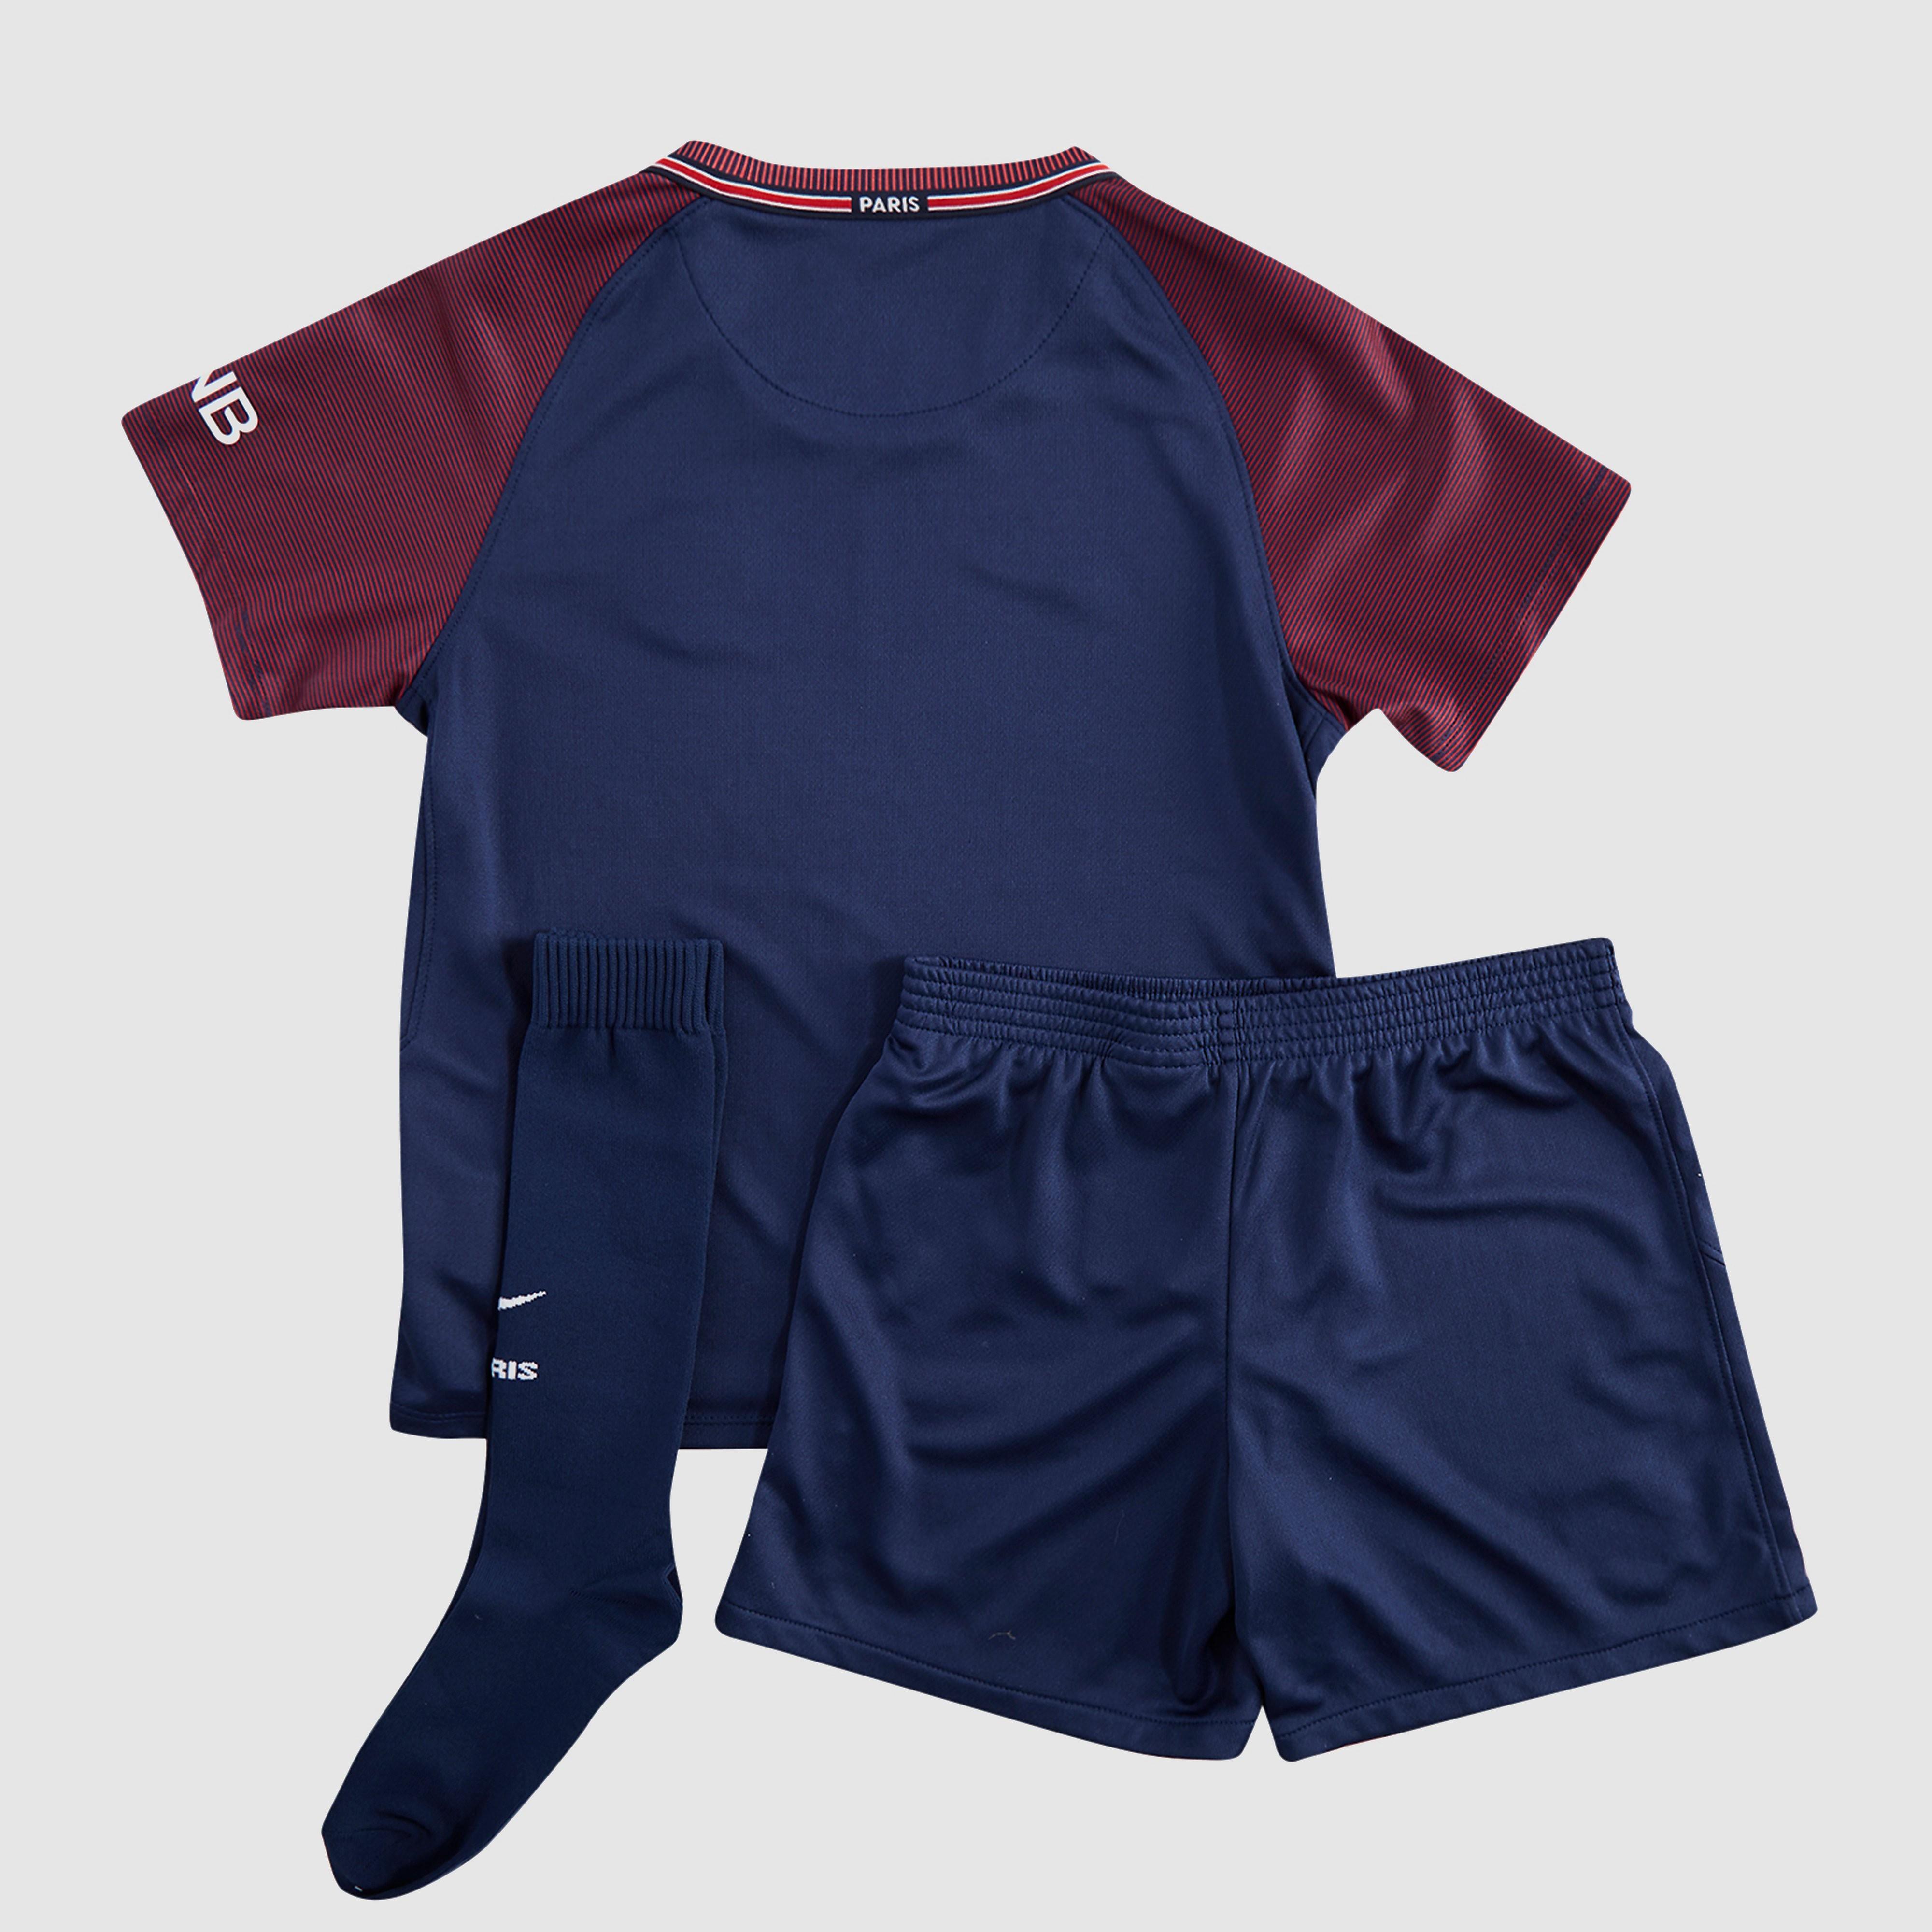 Nike Paris Saint Germain 2017/18 Children's Home Kit